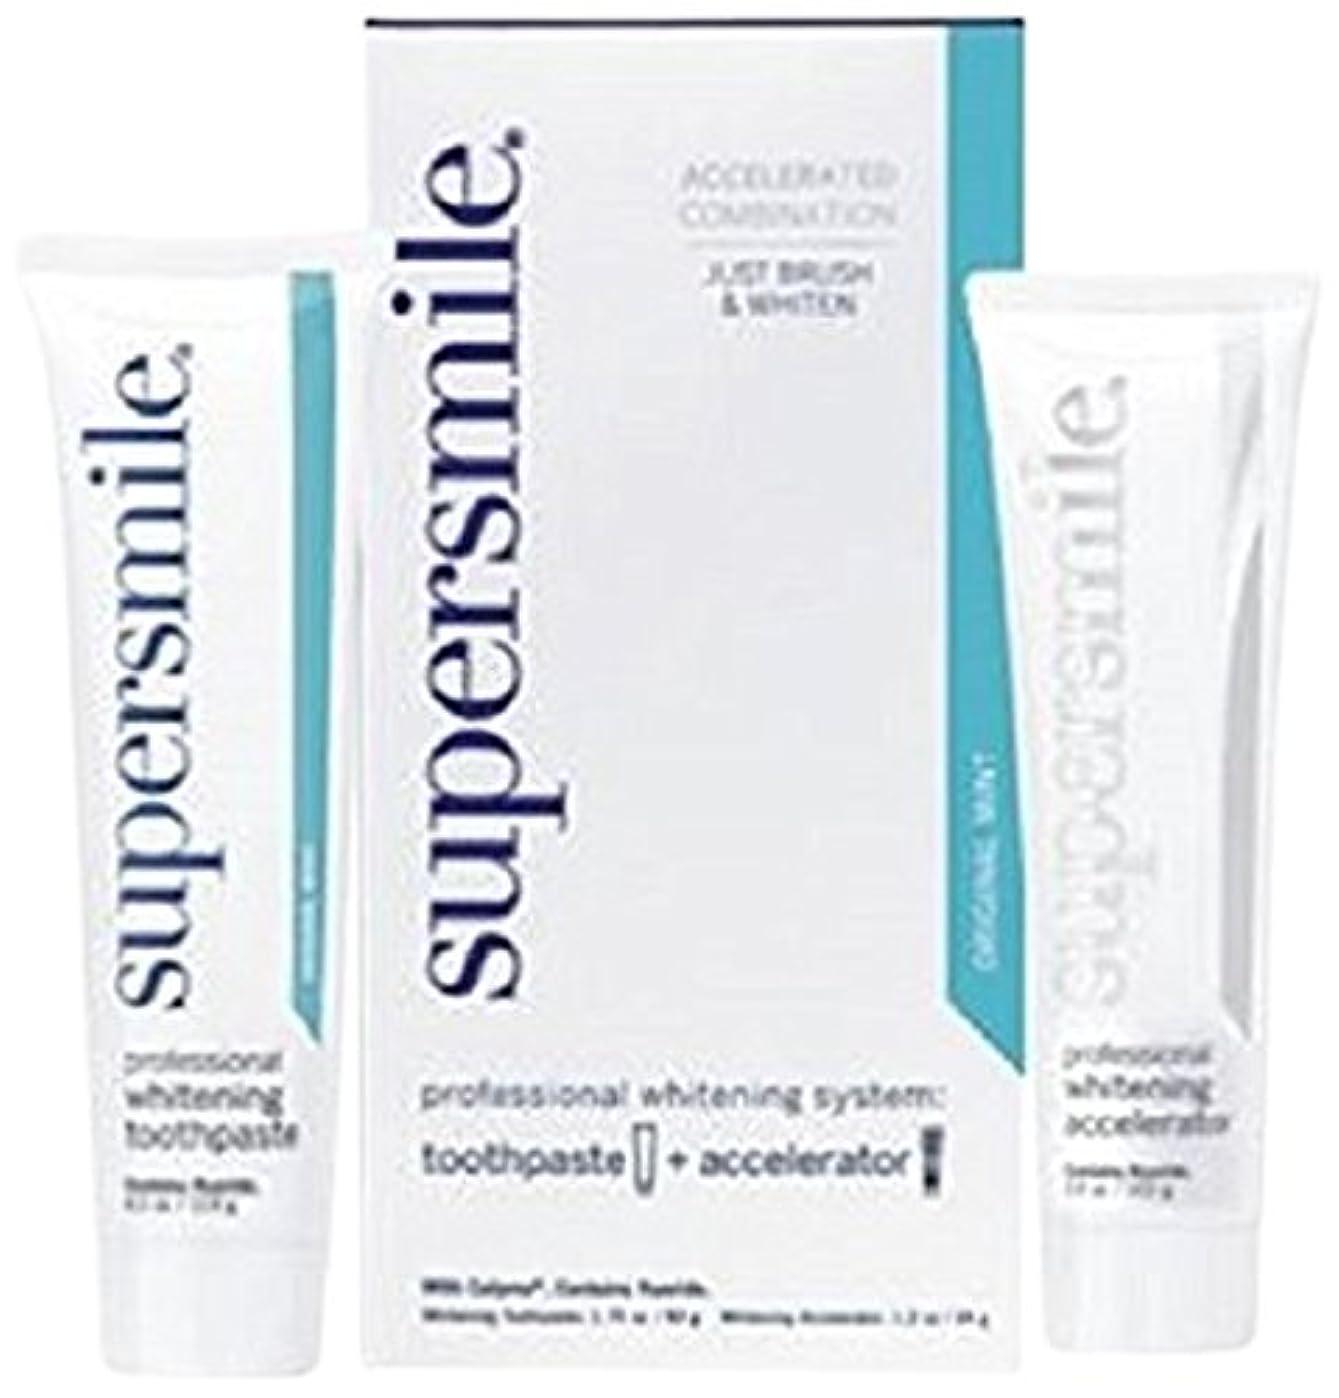 半球ルームバスSupersmile Professional Whitening System: Toothpaste 50g/1.75oz + Accelerator 34g/1.2oz - 2pcs by SuperSmile